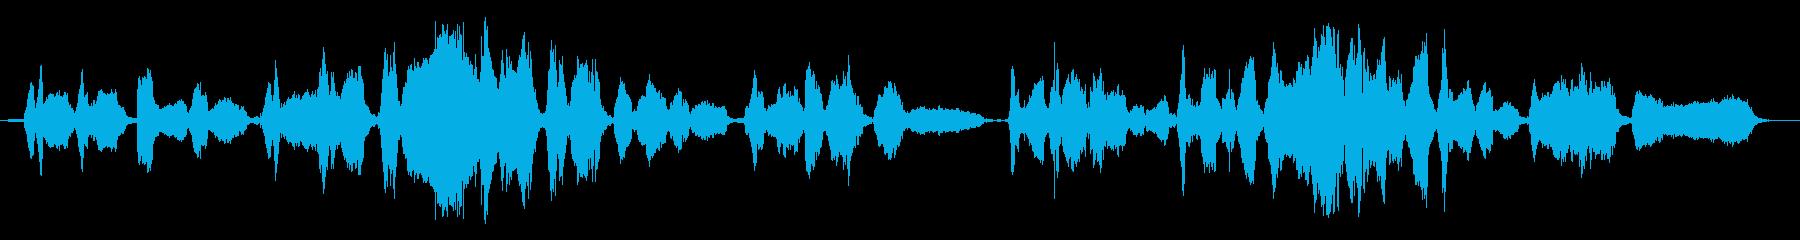 Amazing Graceのアカペラ歌唱の再生済みの波形